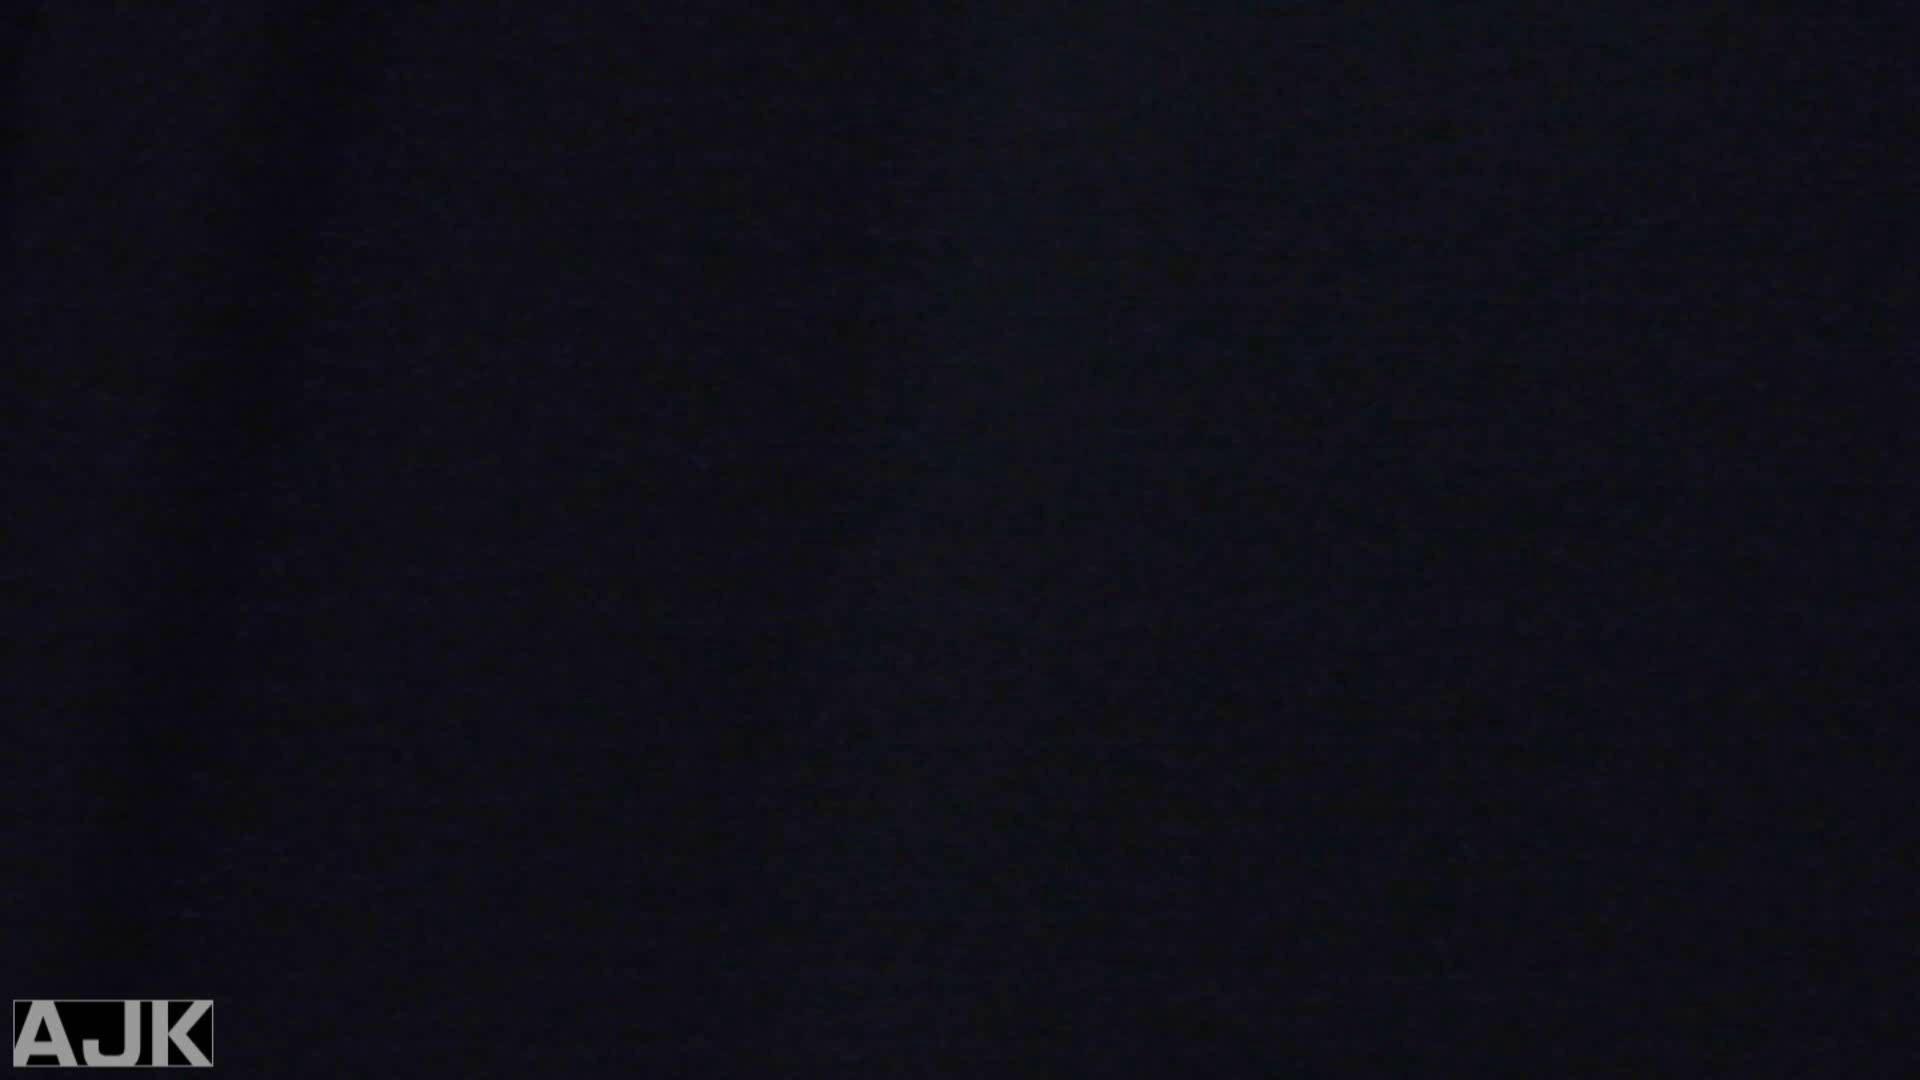 神降臨!史上最強の潜入かわや! vol.13 肛門 おめこ無修正動画無料 91連発 69